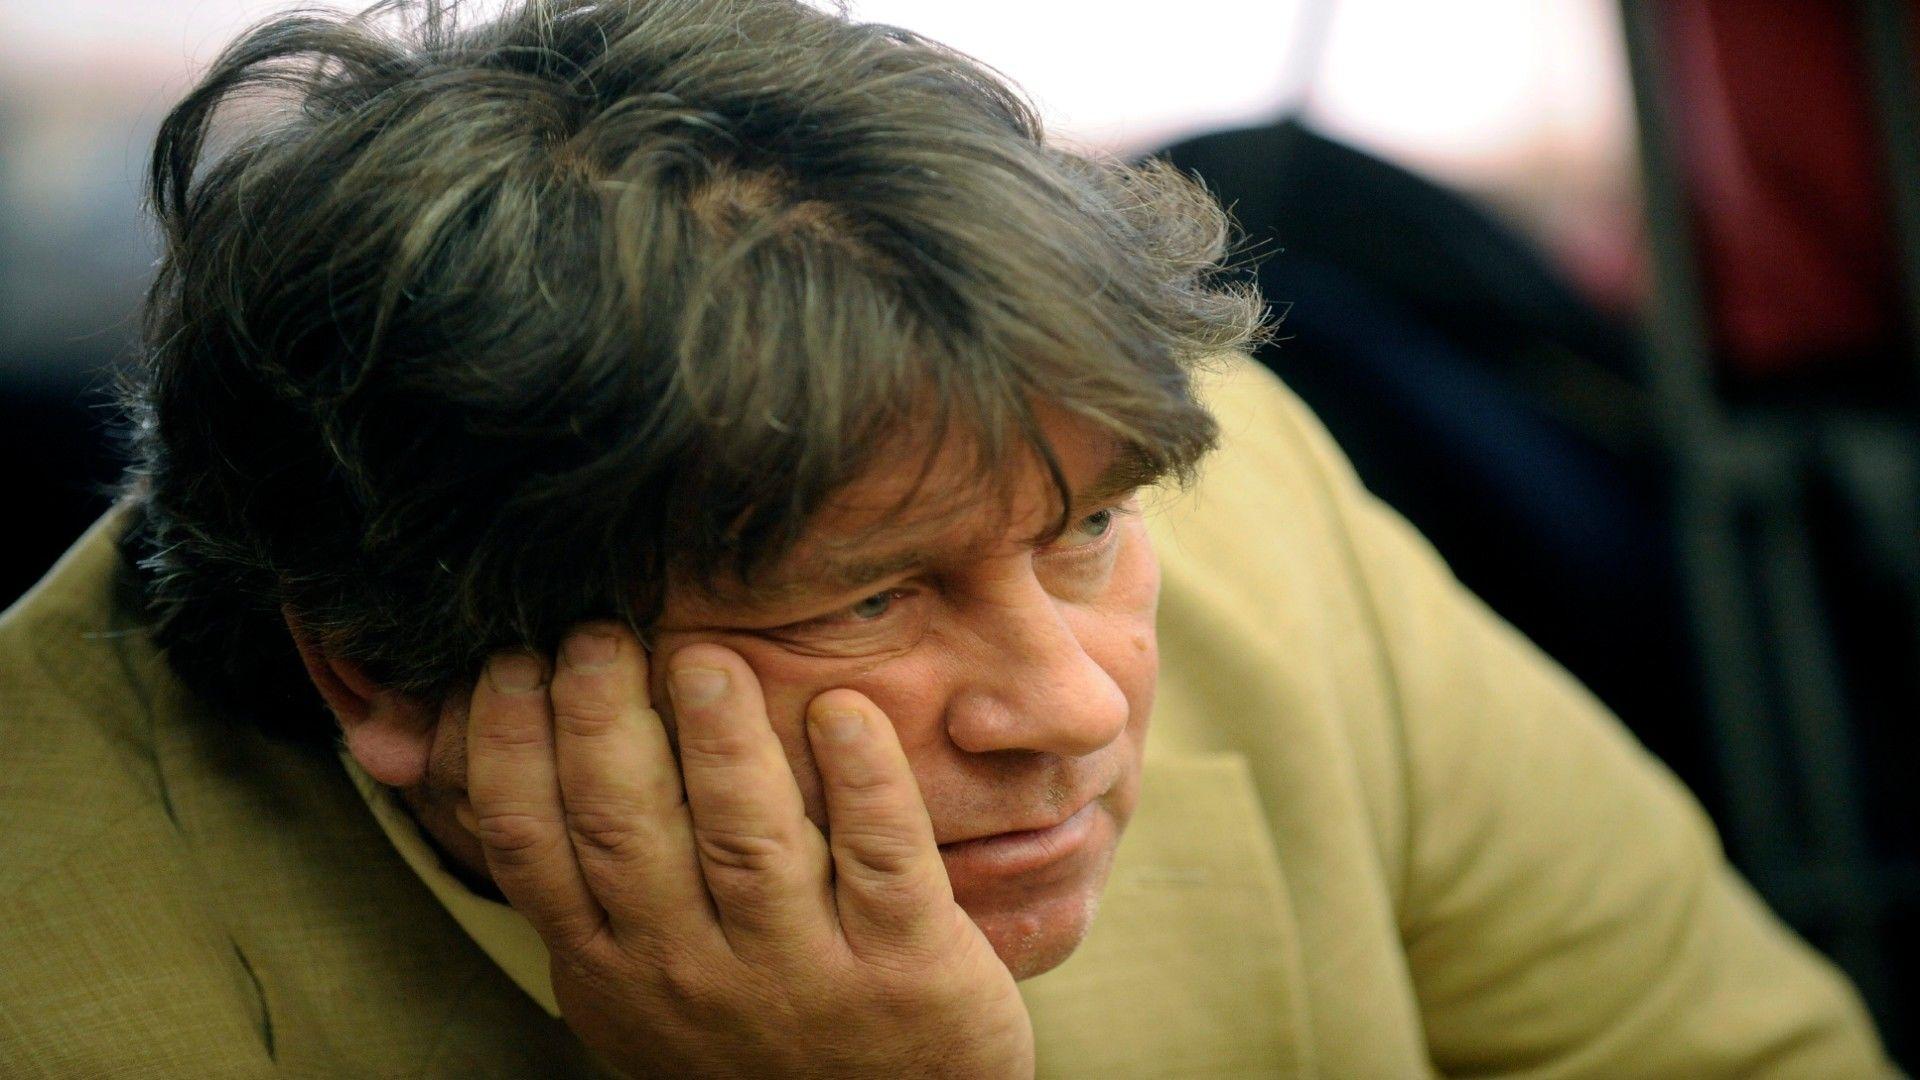 Bakács Tibor Settenkedő (MTI: Beliczay László)